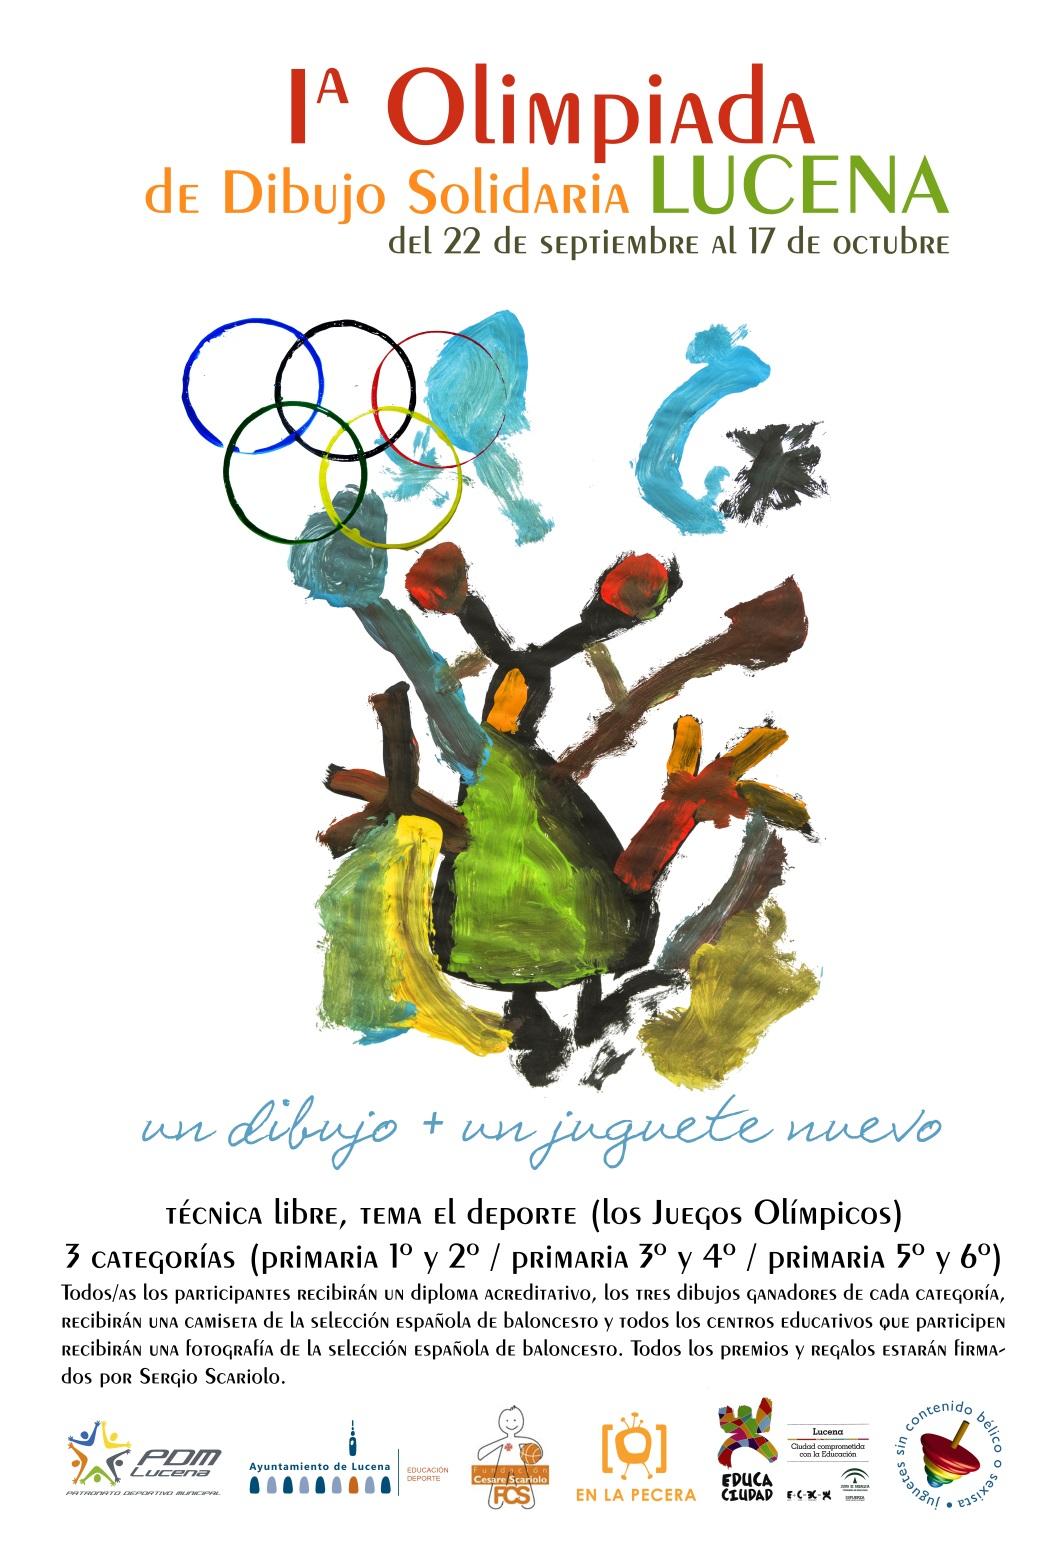 1a-olimpiada-de-dibujo-a-beneficio-de-la-fundacion-cesare-scariolo